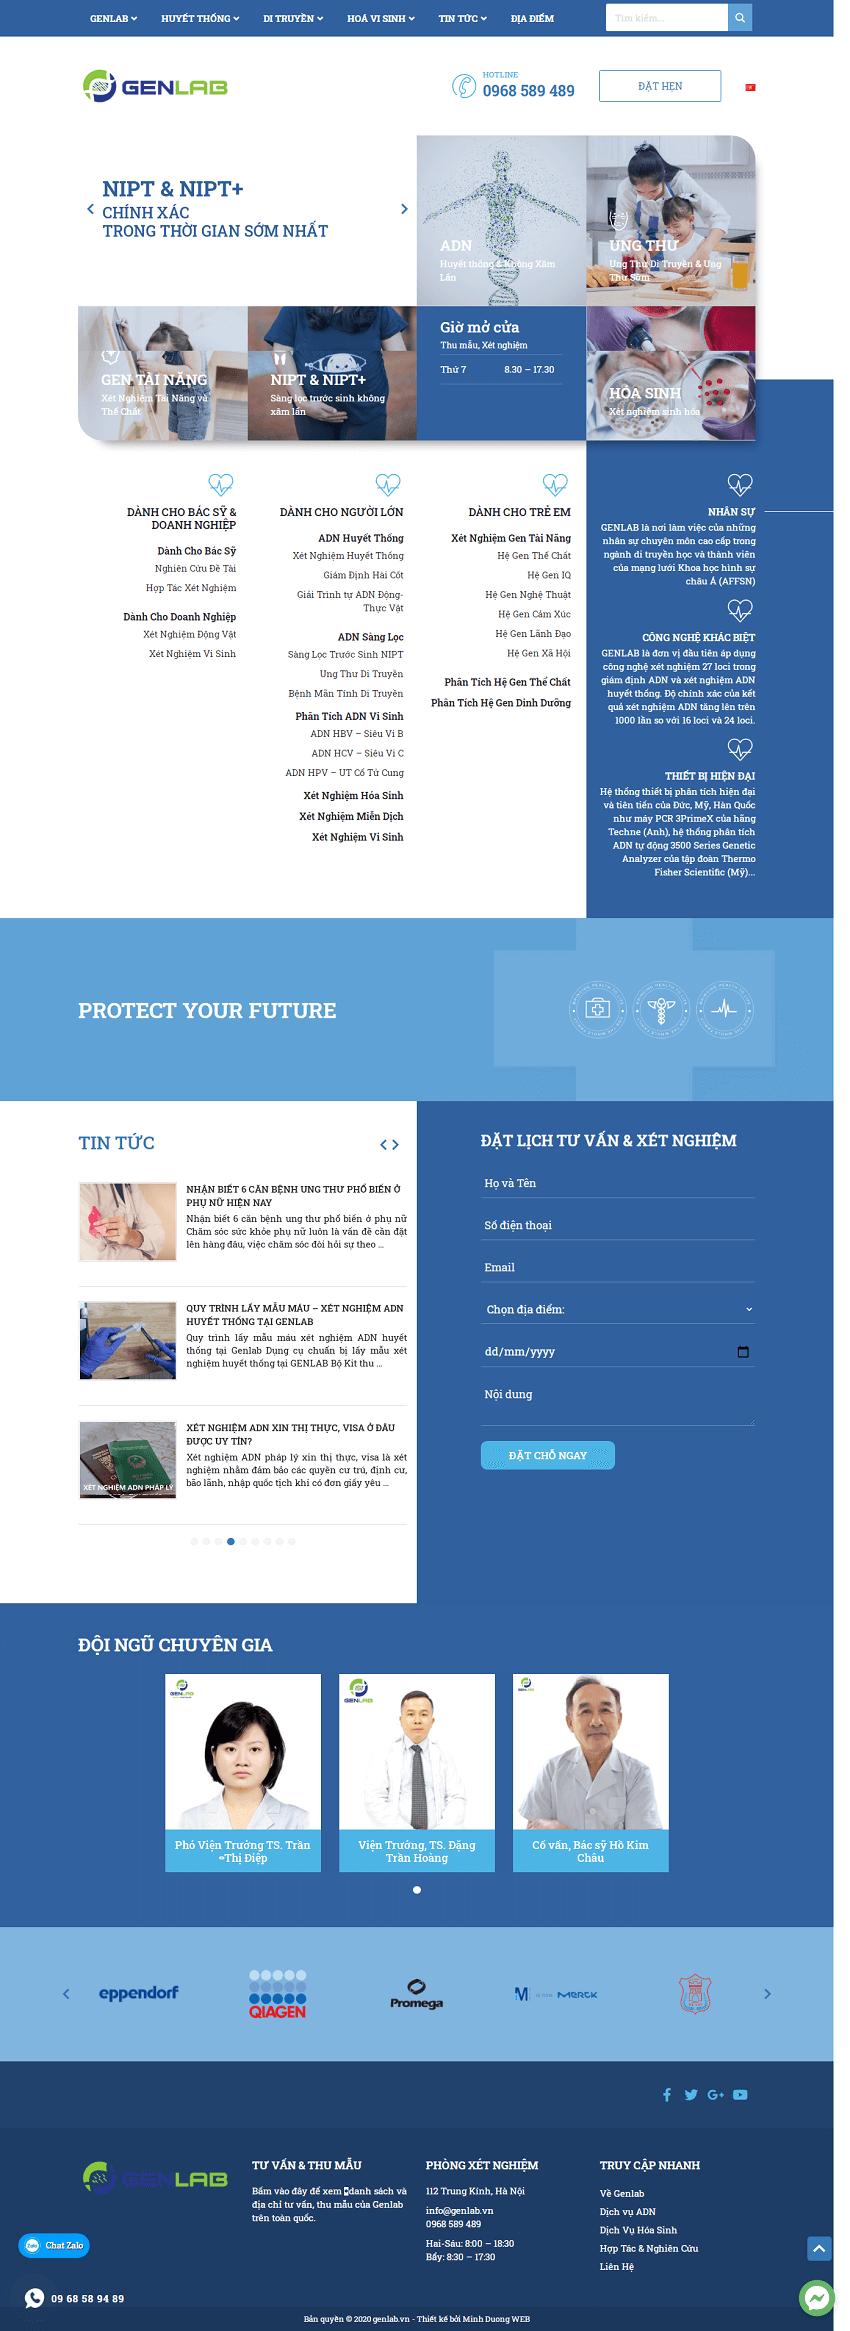 Web xét nghiện Genlab